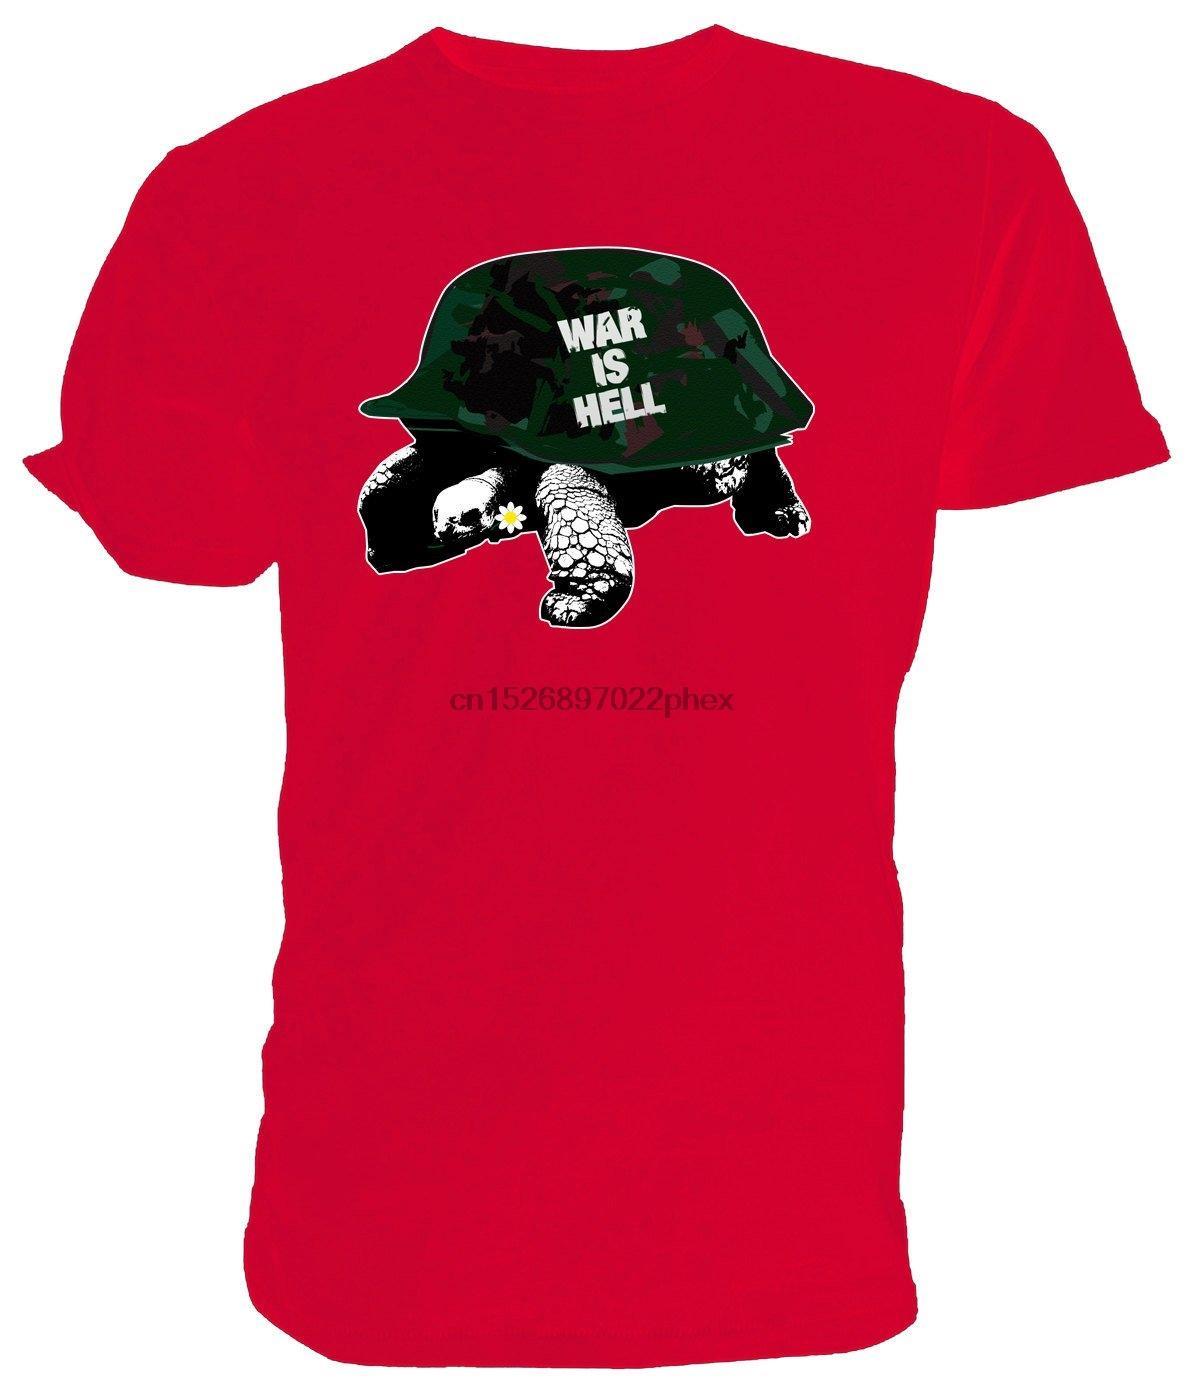 camicia Guerra Tortoise T. classico girocollo corta scelta maniche di formati e colori degli uomini della maglietta